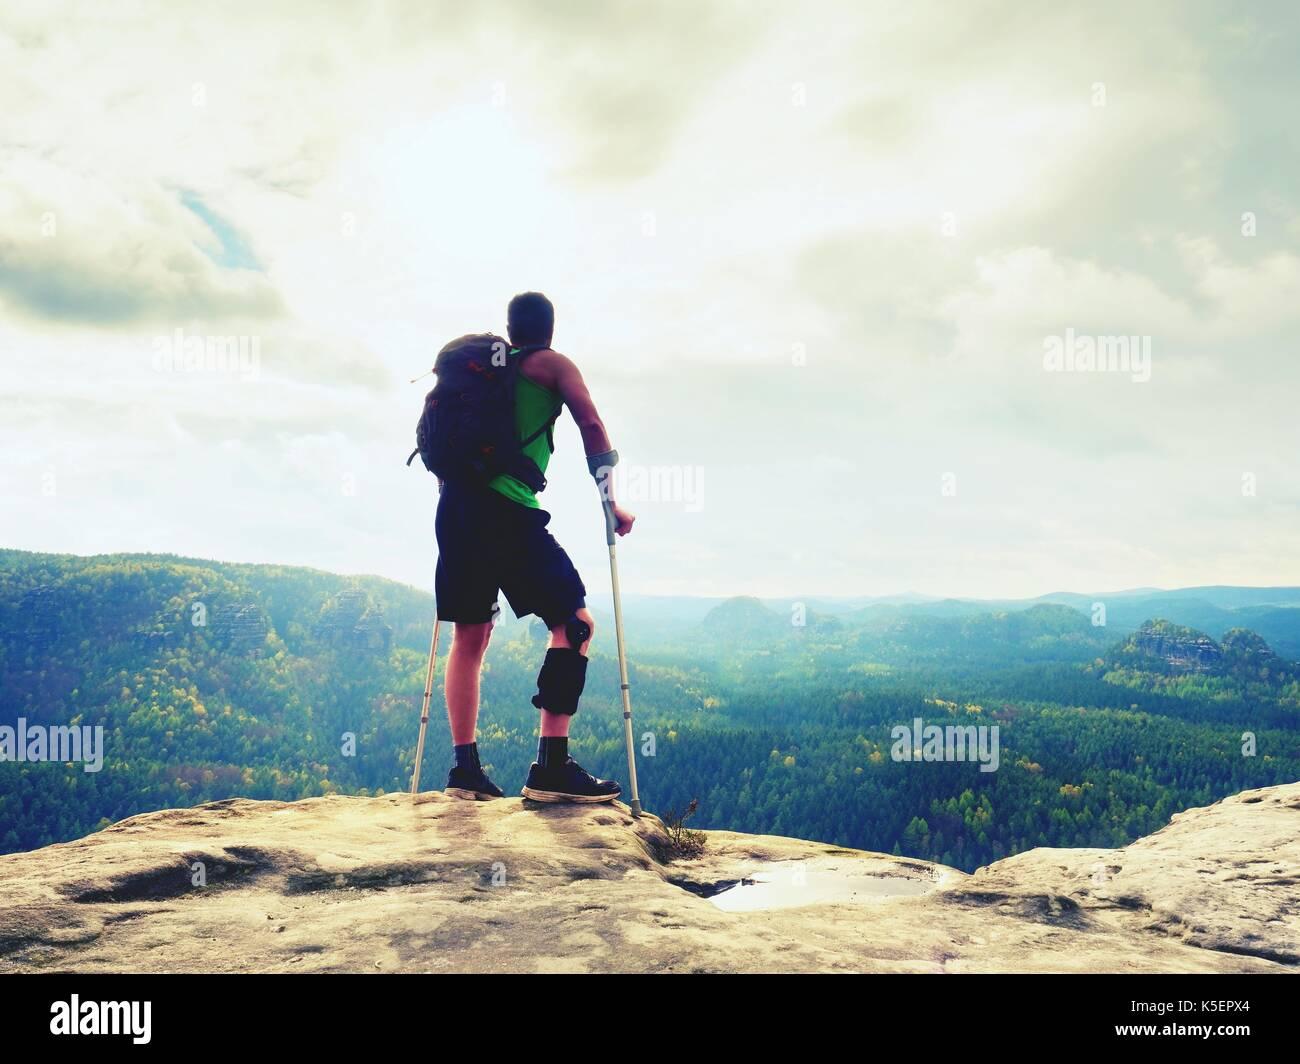 Mann mit Krücken in der Natur. Touristische mit gebrochenem Bein auf Krücken. Reisende mit verletzten Bein in Bandagen Aufenthalt auf Rocky View Point. Volle Länge des Menschen w Stockbild